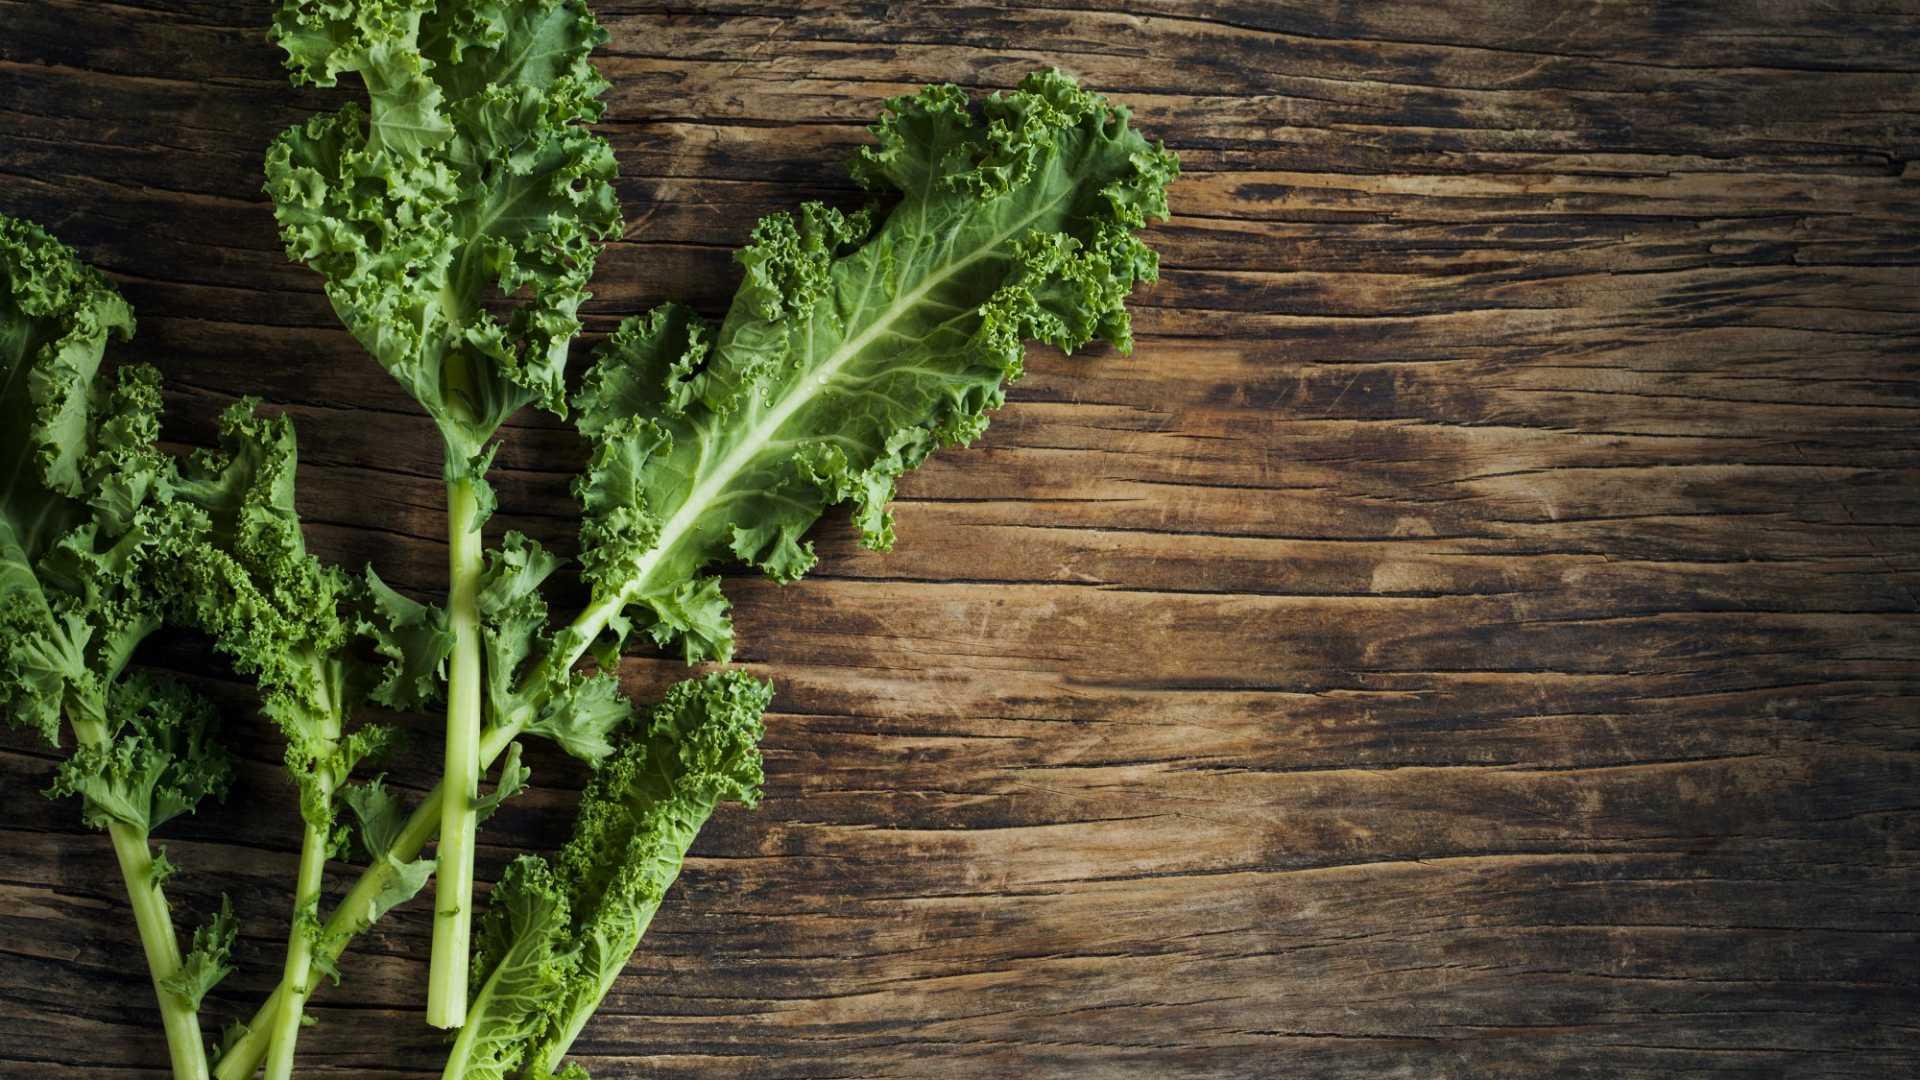 Wait, do millennials still love kale?